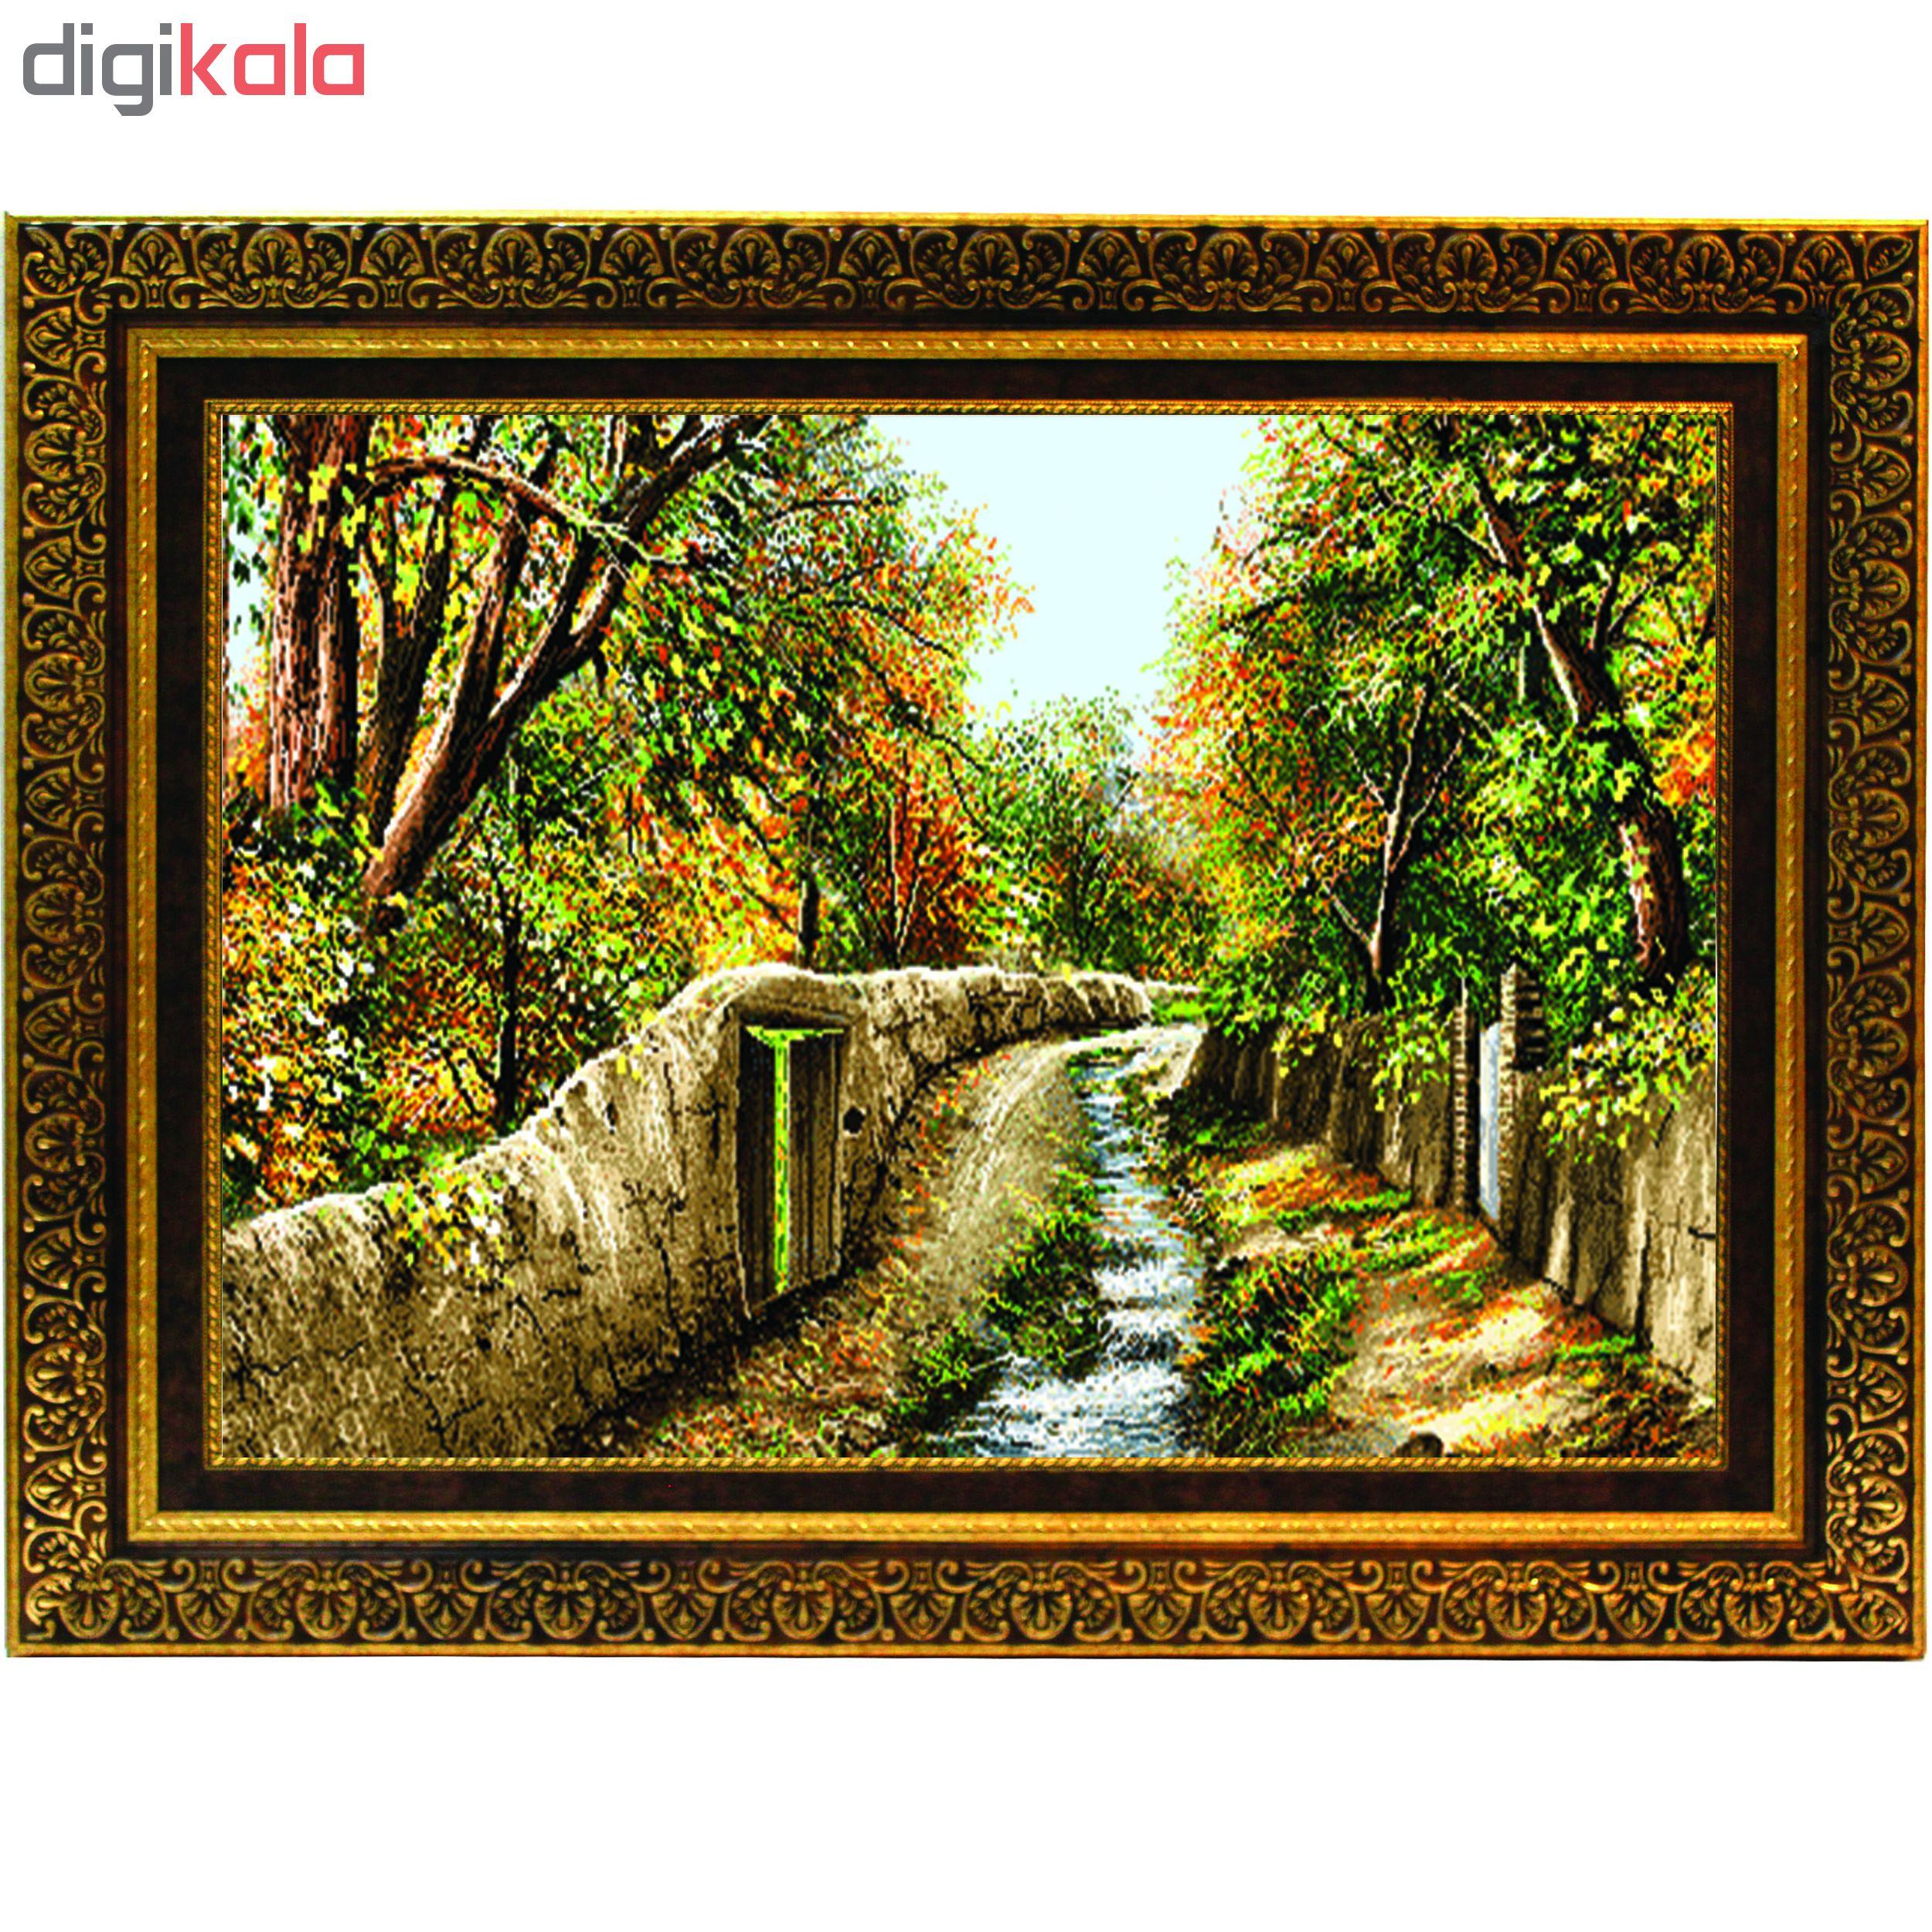 تابلو طرح کوچه باغ کد DM516